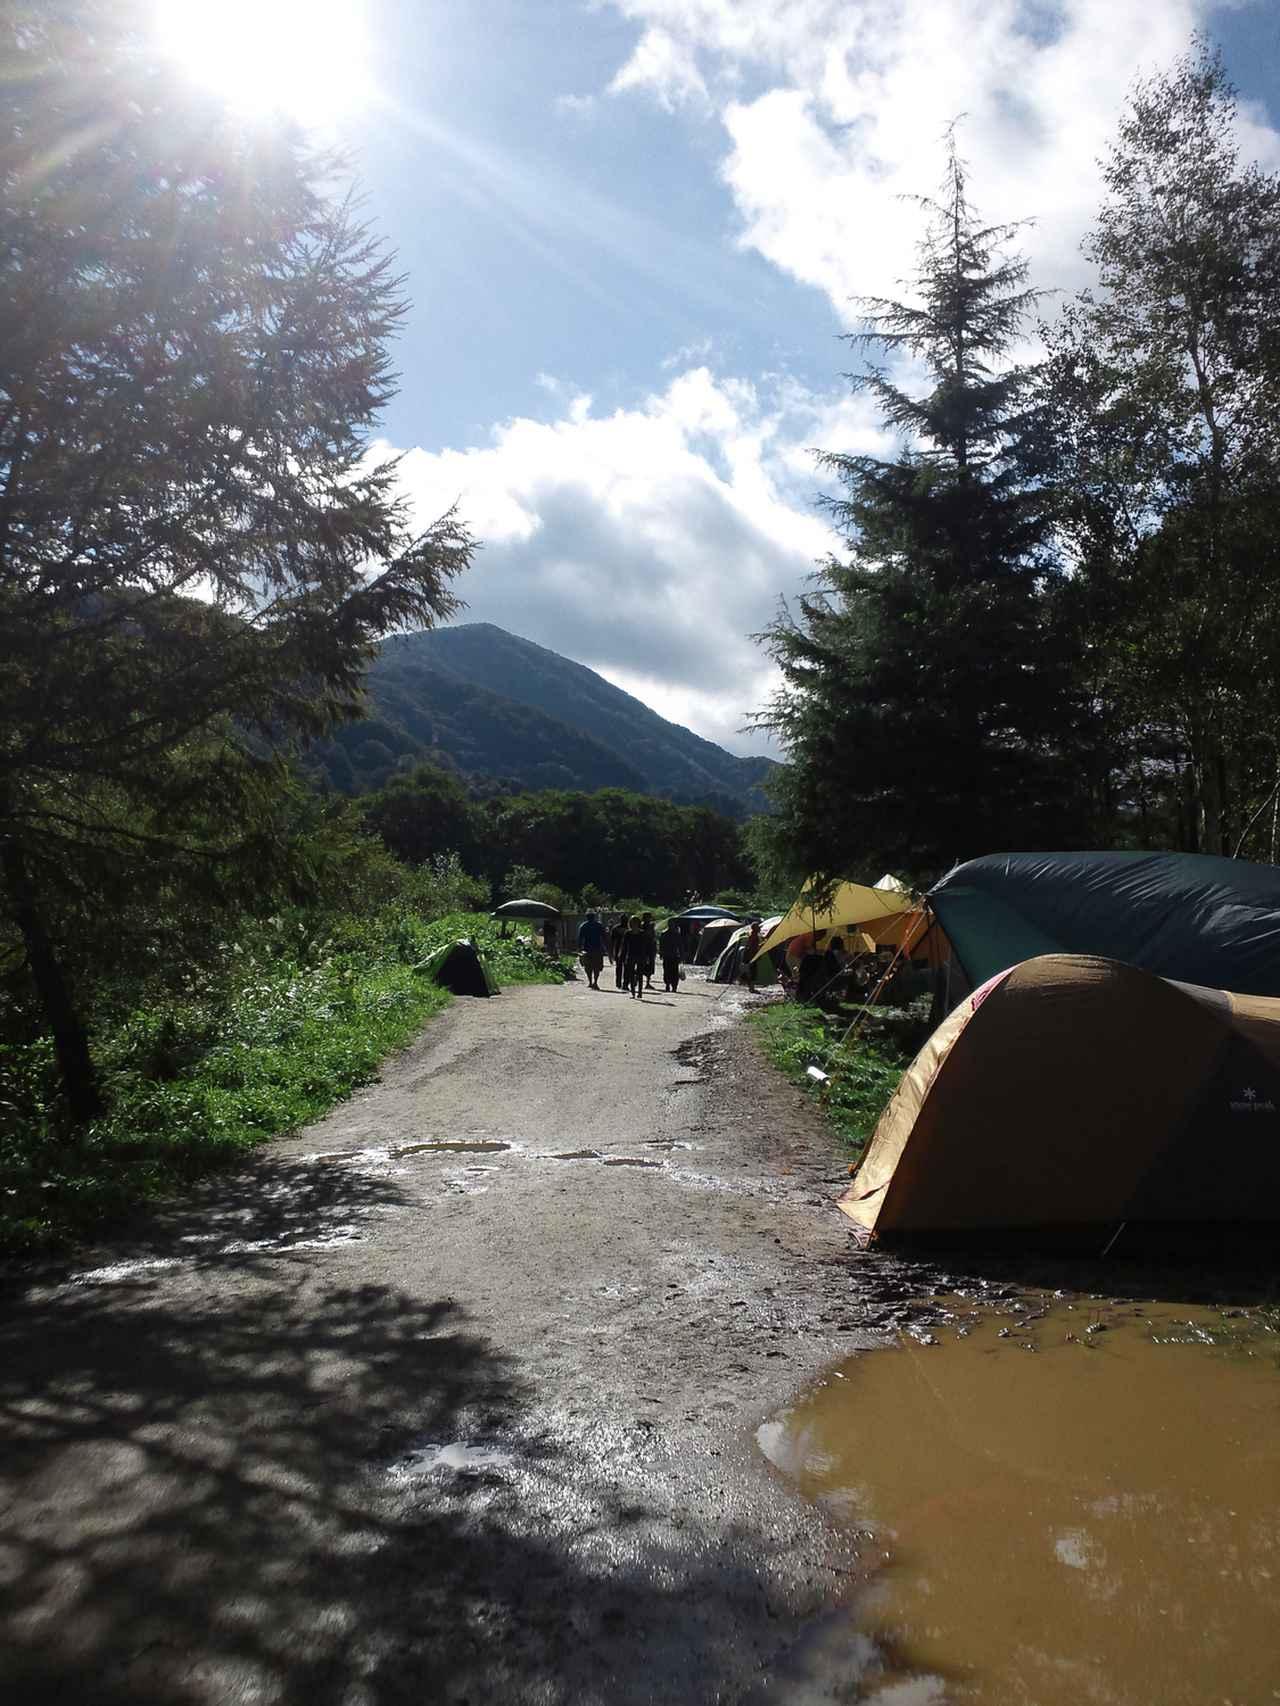 画像: キャンプ初心者が知りたい! ロゴスグランドシートなど雨対策のための5つの必需品